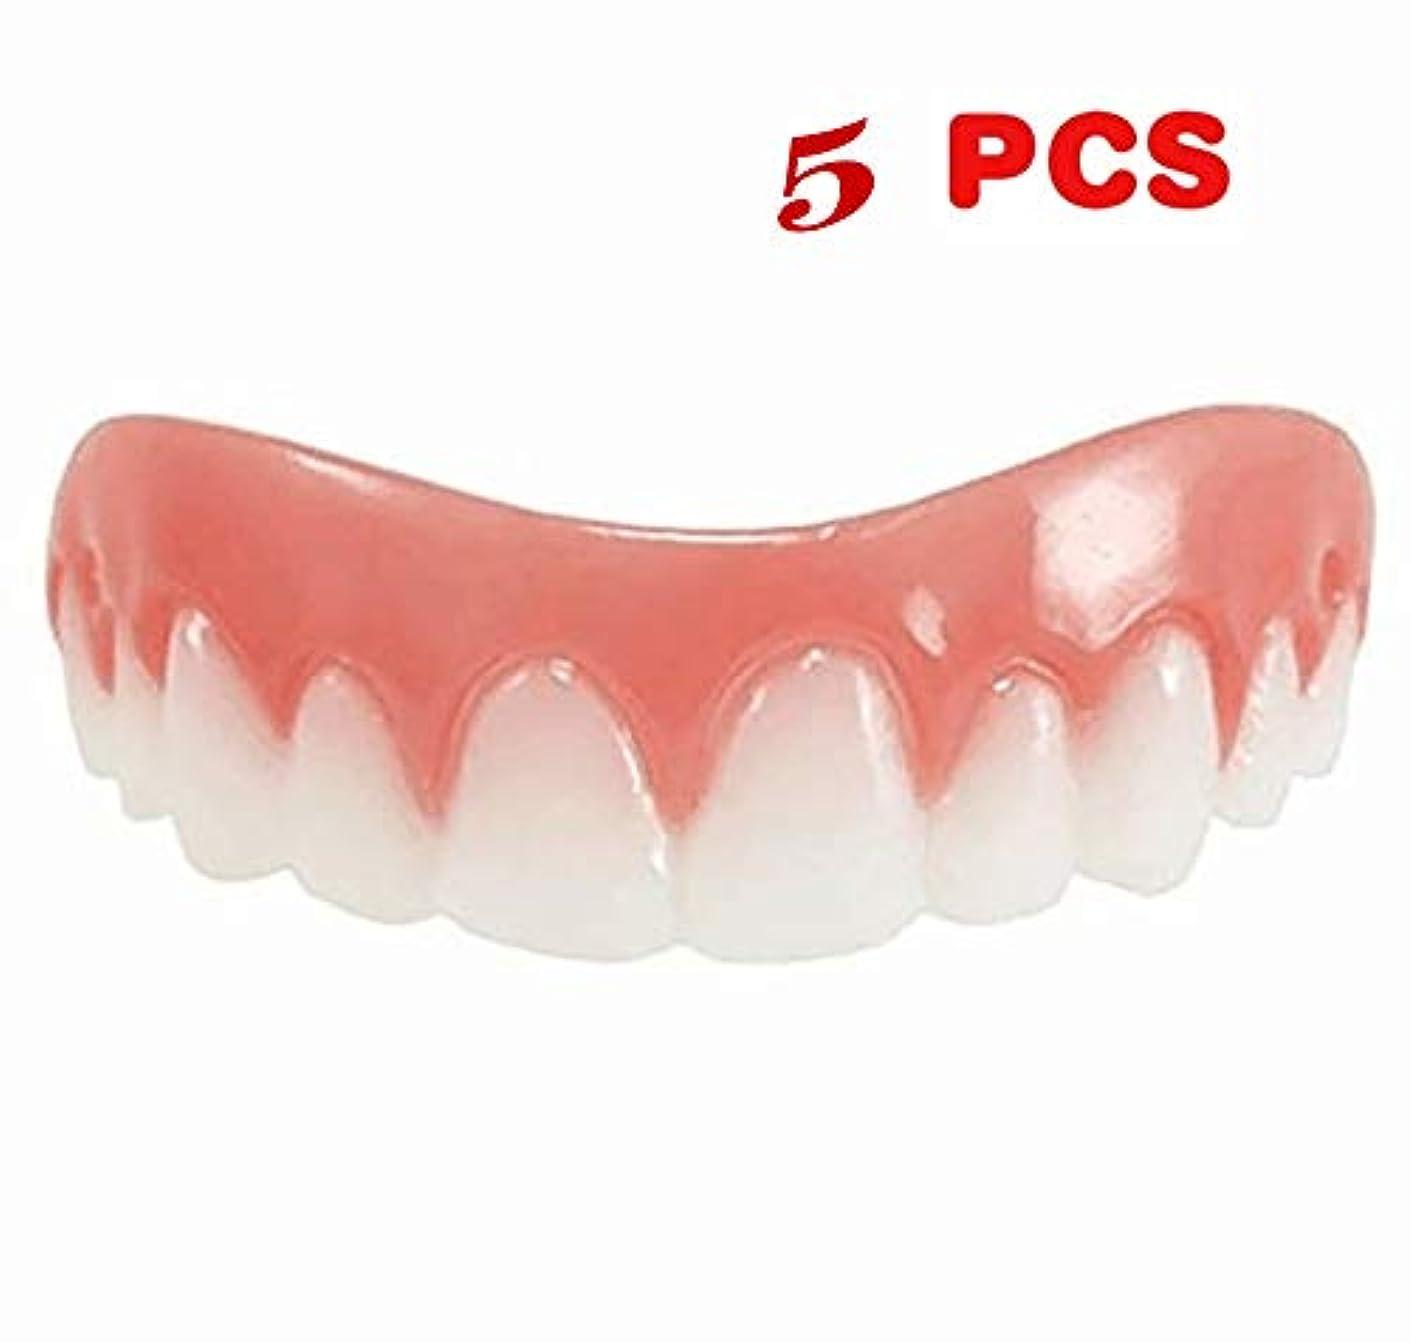 尊敬控えめな週間5ピース新しい再利用可能な大人のスナップオンパーフェクトスマイルホワイトニング義歯フィットフレックス化粧品歯快適な突き板カバーデンタルケアアクセサリー